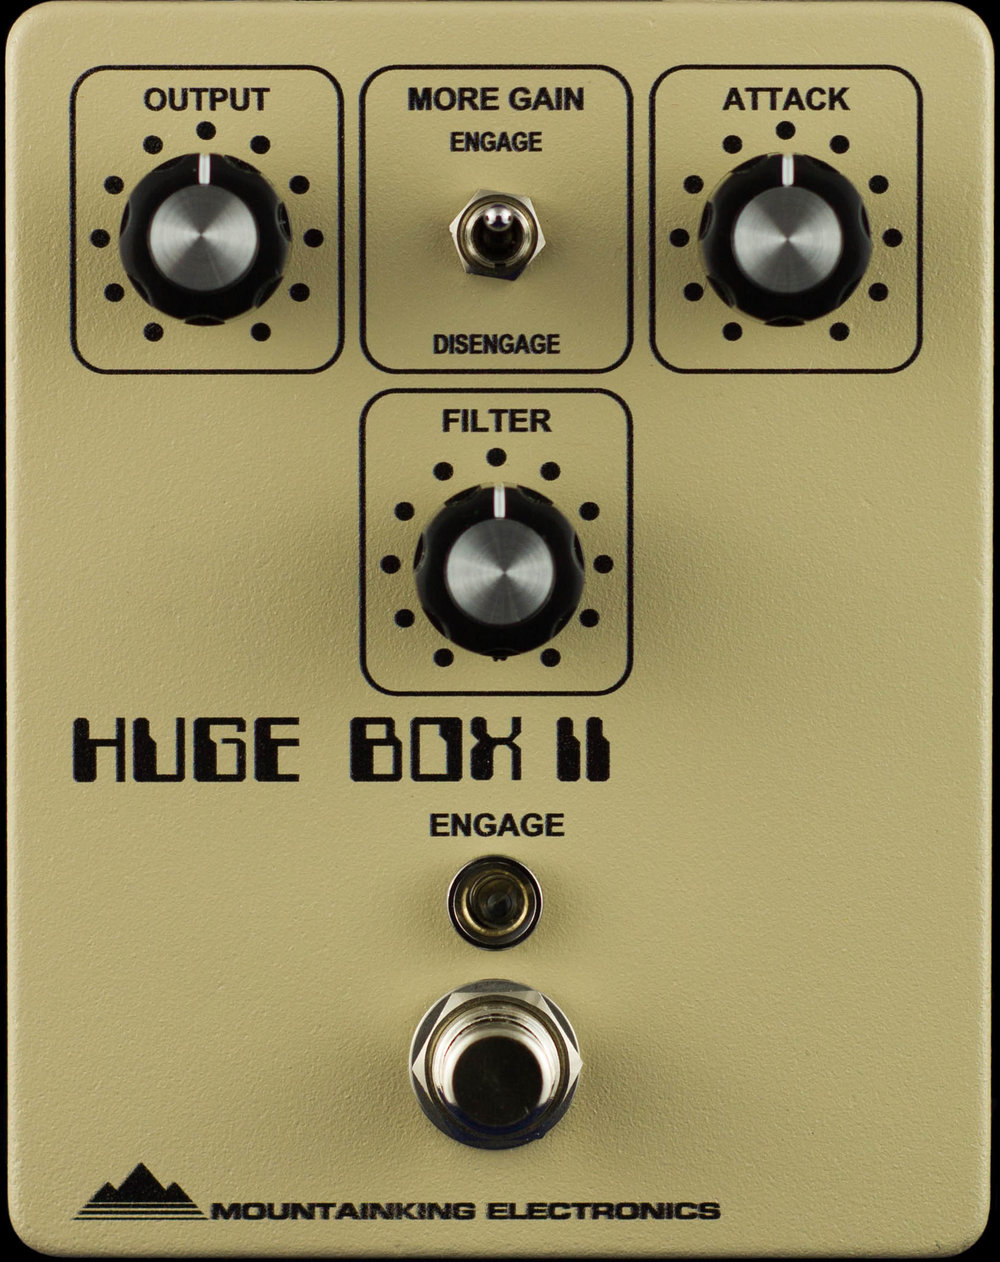 HUGE BOX II